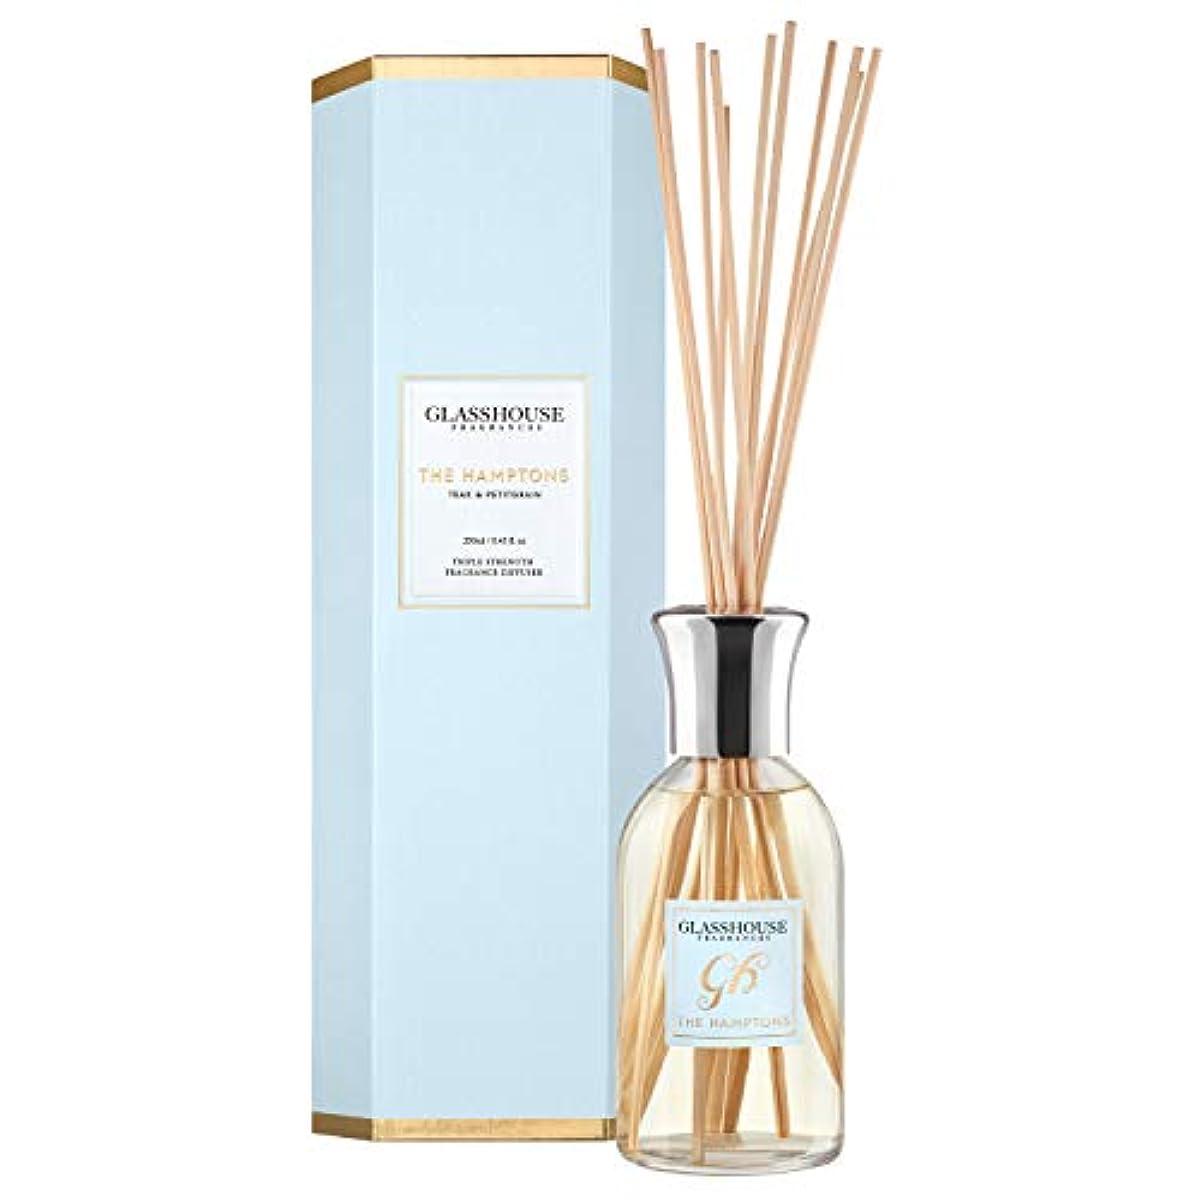 平方カスタムアラートグラスハウス Triple Strength Fragrance Diffuser - The Hamptons 250ml/8.45oz並行輸入品